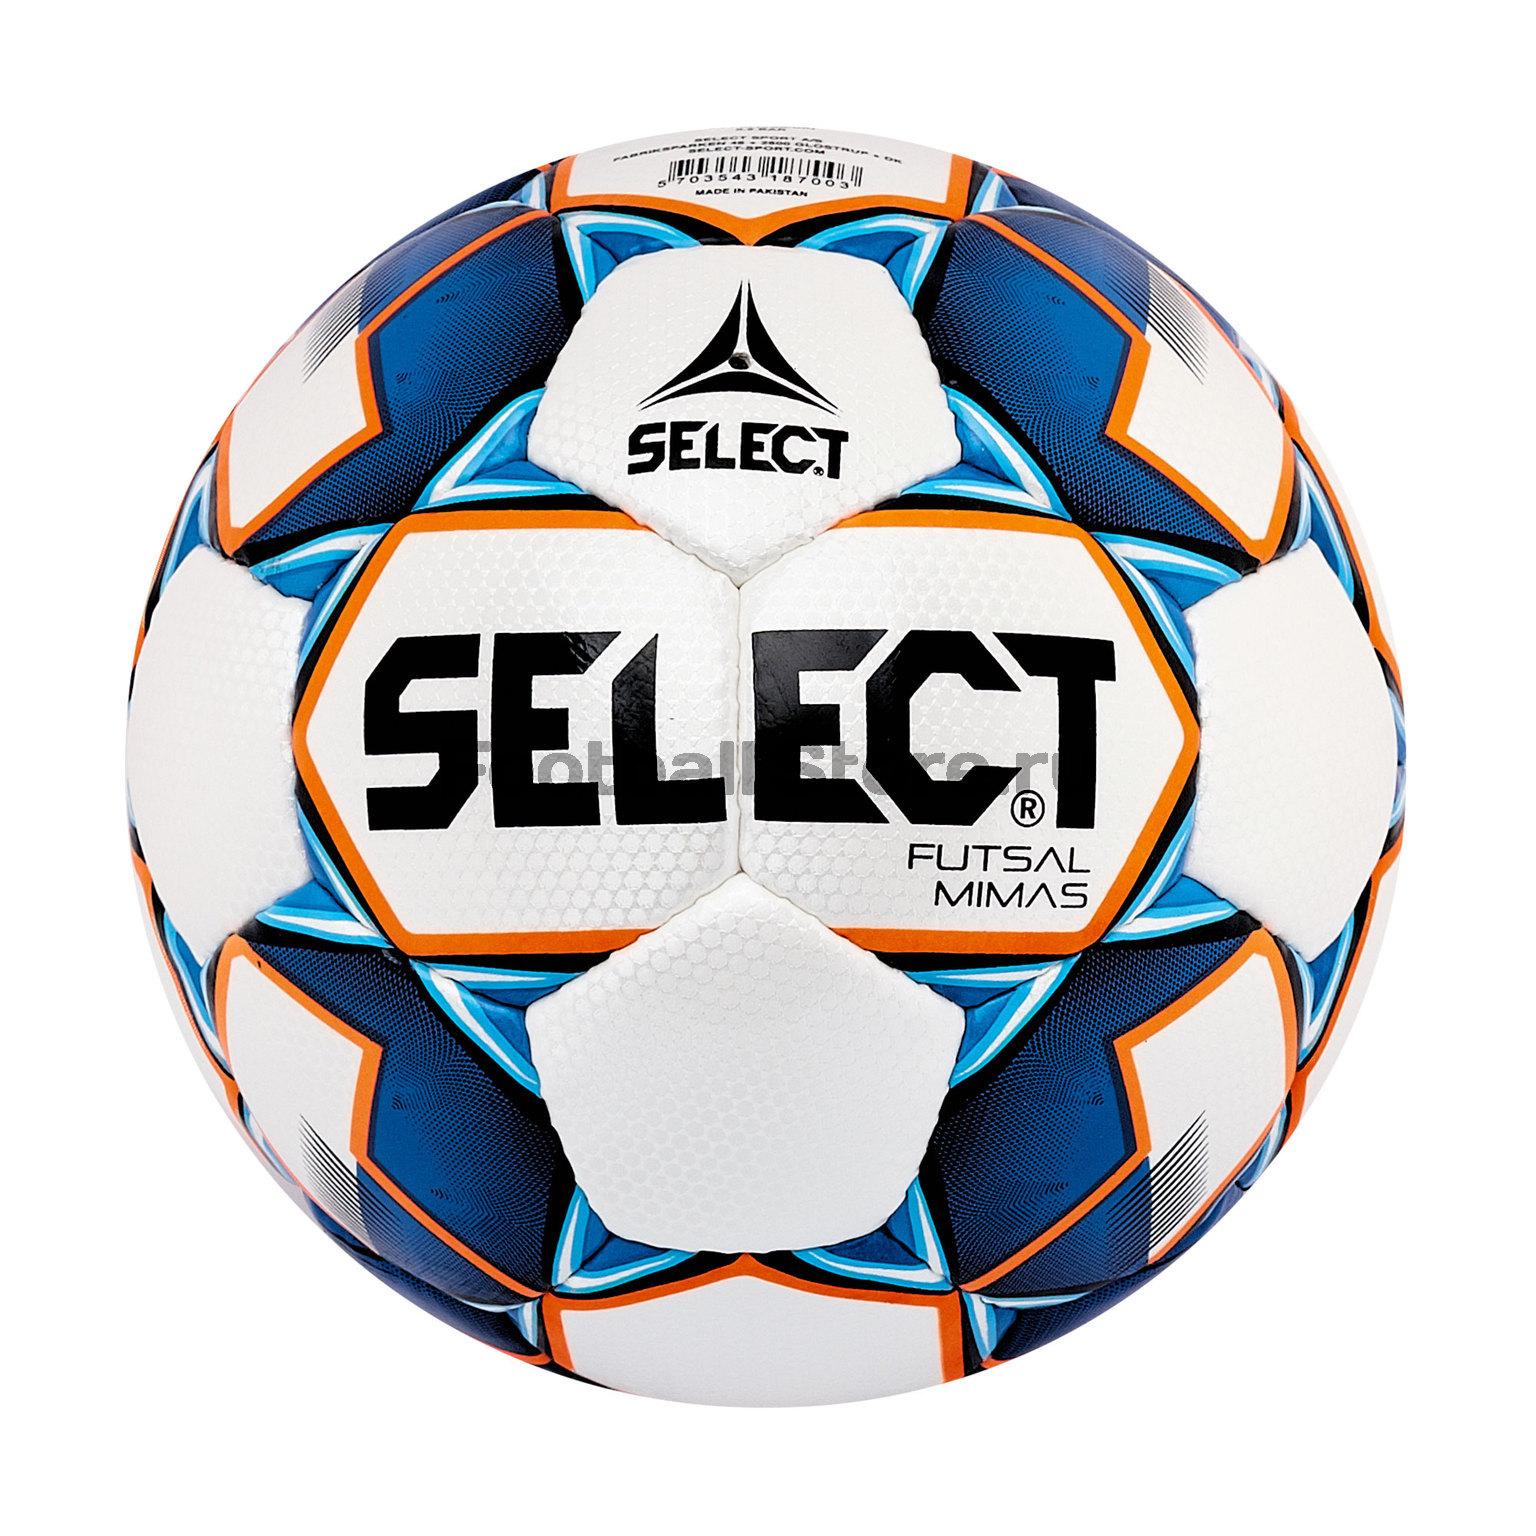 Футзальный мяч Select Futsal MIMAS 852608-003 мяч футзальный mitre futsal tempest